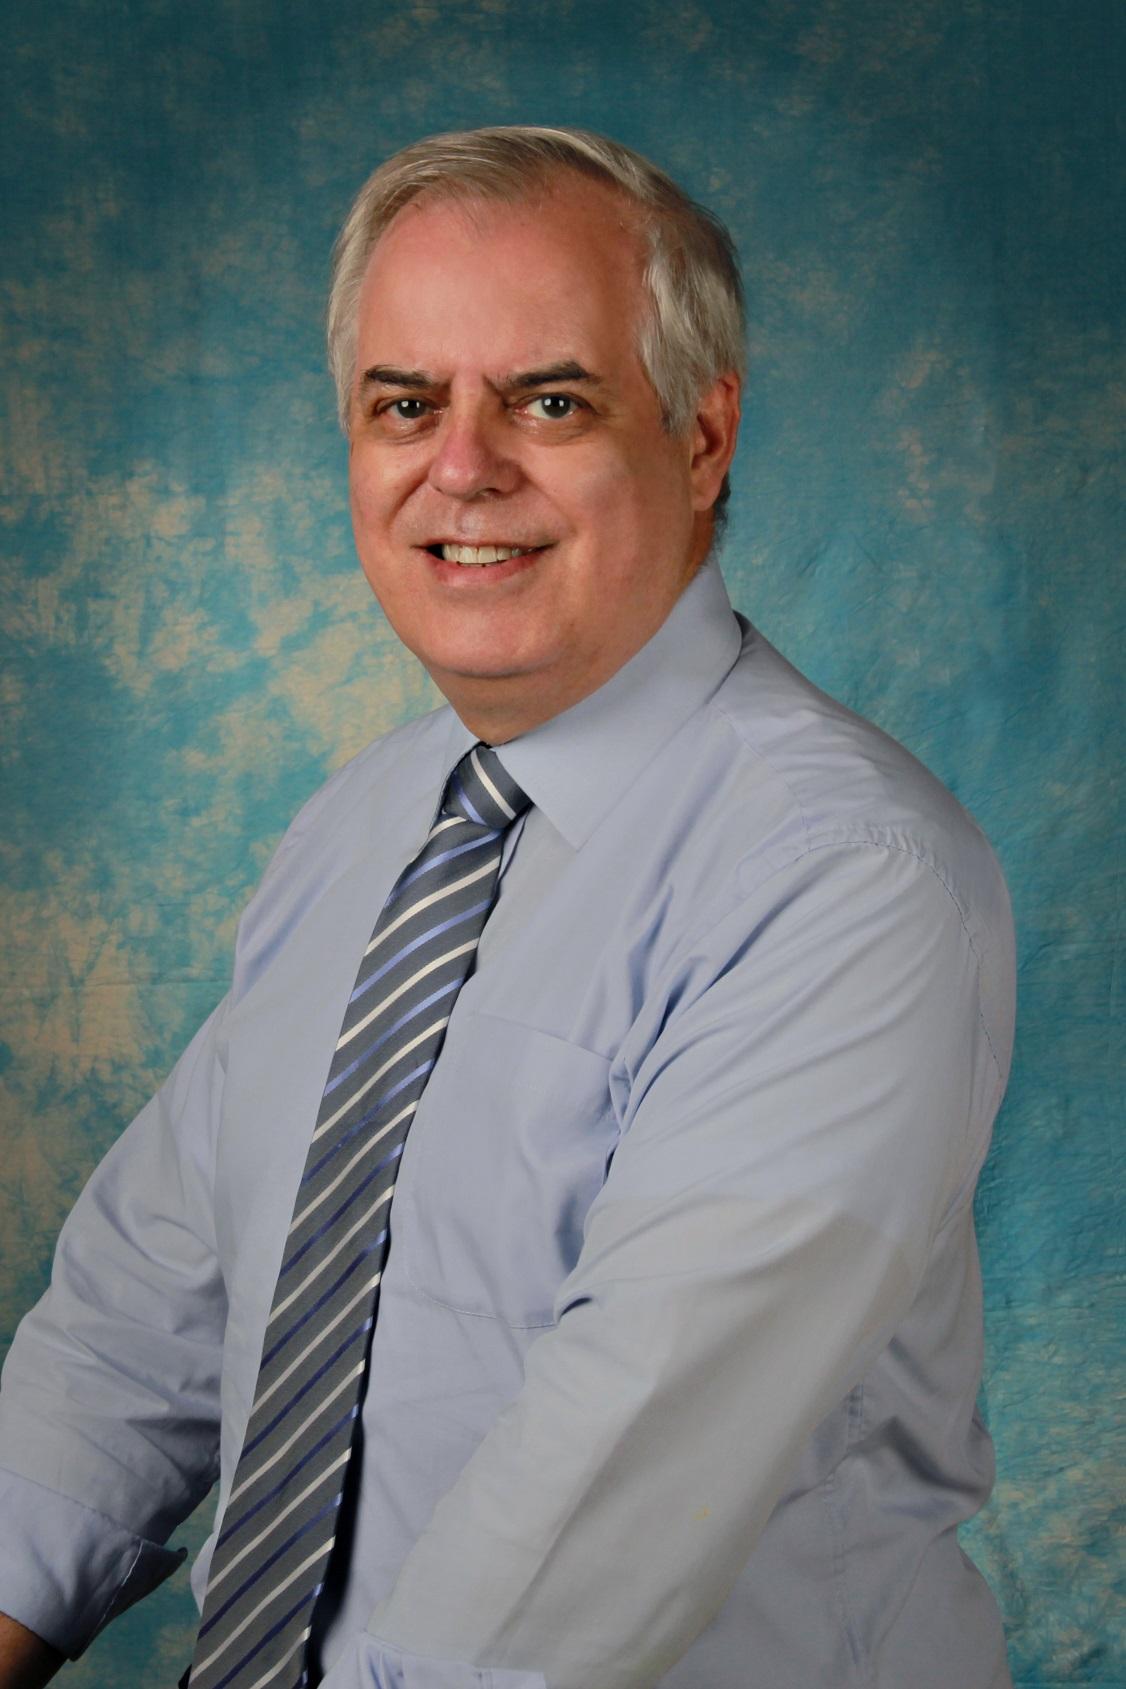 Geoff Stainton